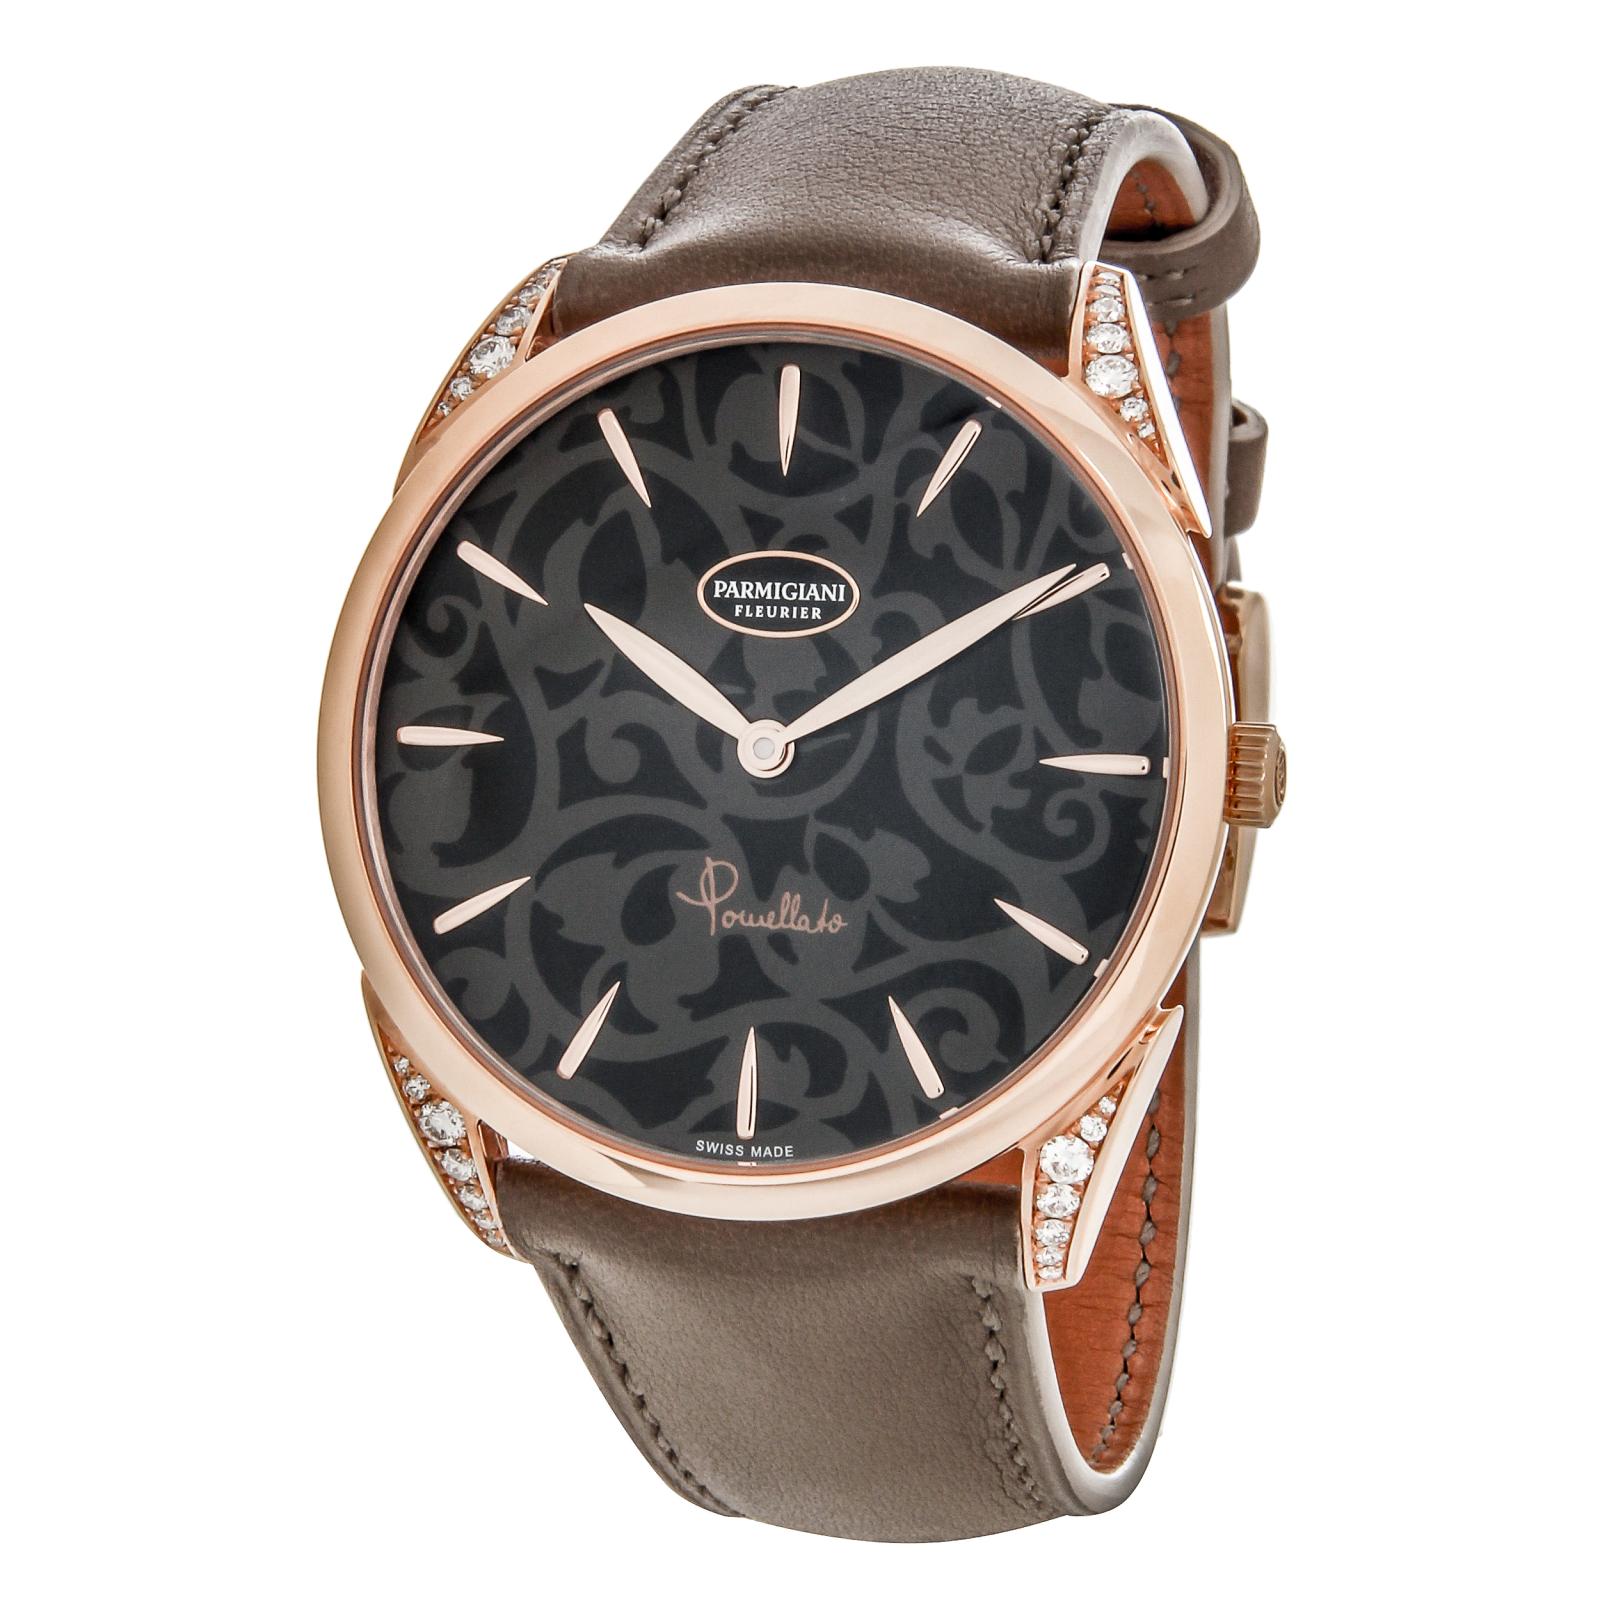 PARMIGIANI Tonda PFC267-1070300-HC6121Наручные часы<br>Швейцарские часы PARMIGIANI Tonda PFC267-1070300-HC6121<br><br>Пол: Женские<br>Страна-производитель: Швейцария<br>Механизм: Механический<br>Материал корпуса: Розовое золото 18К<br>Материал ремня/браслета: Кожа<br>Водозащита, диапазон: 20 - 100 м<br>Стекло: Сапфировое<br>Толщина корпуса: 8 мм<br>Стиль: Классика